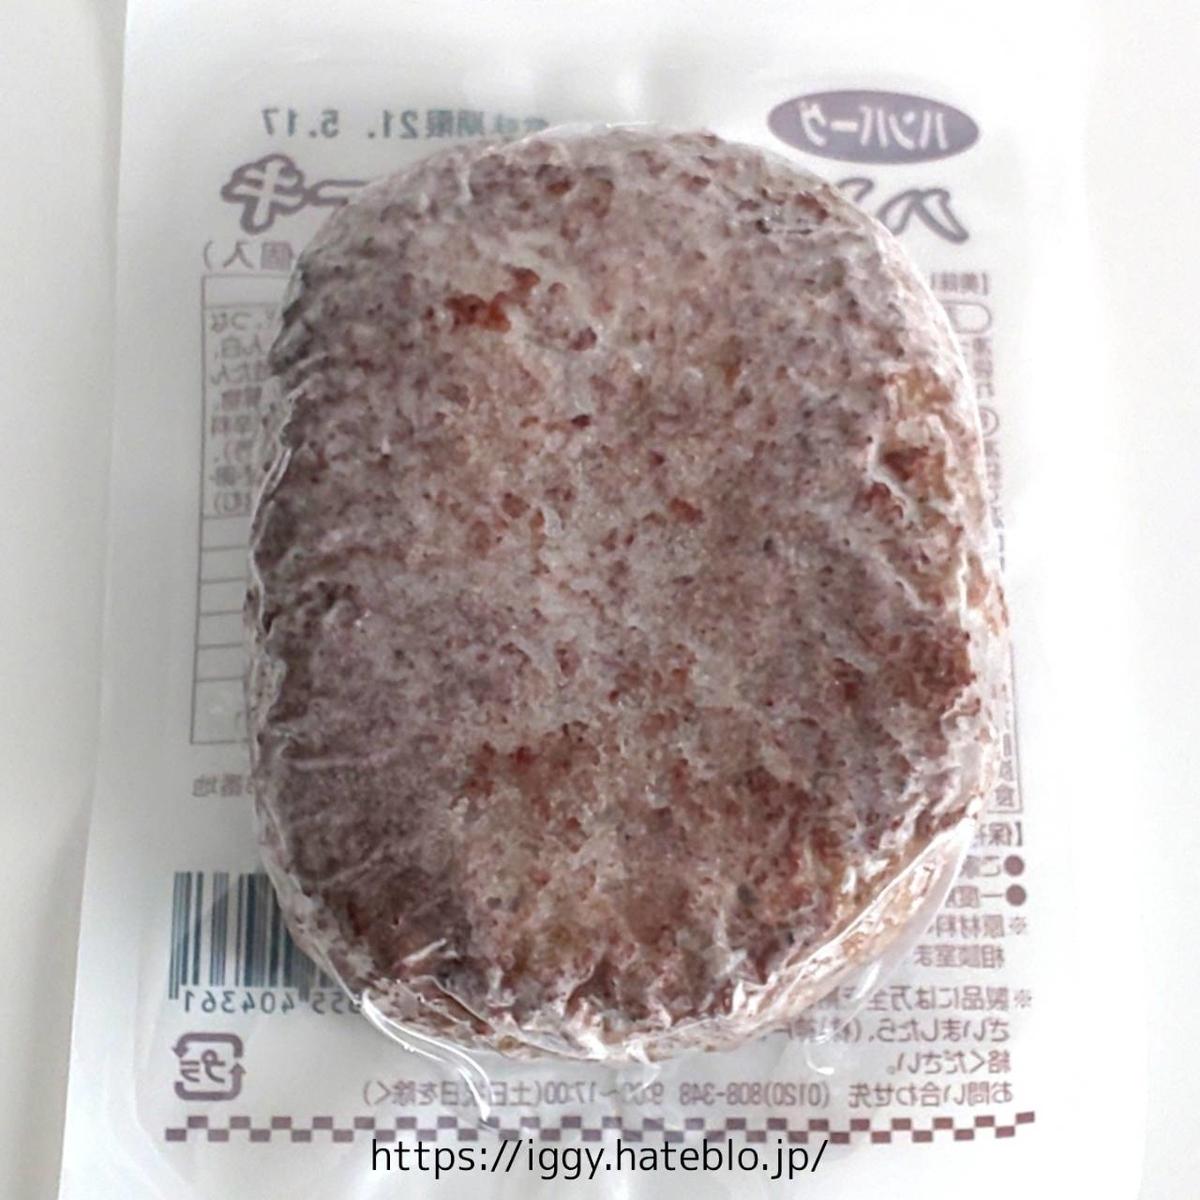 業務スーパー  冷凍食品 ハンバーグステーキ パッケージ裏 LIFE